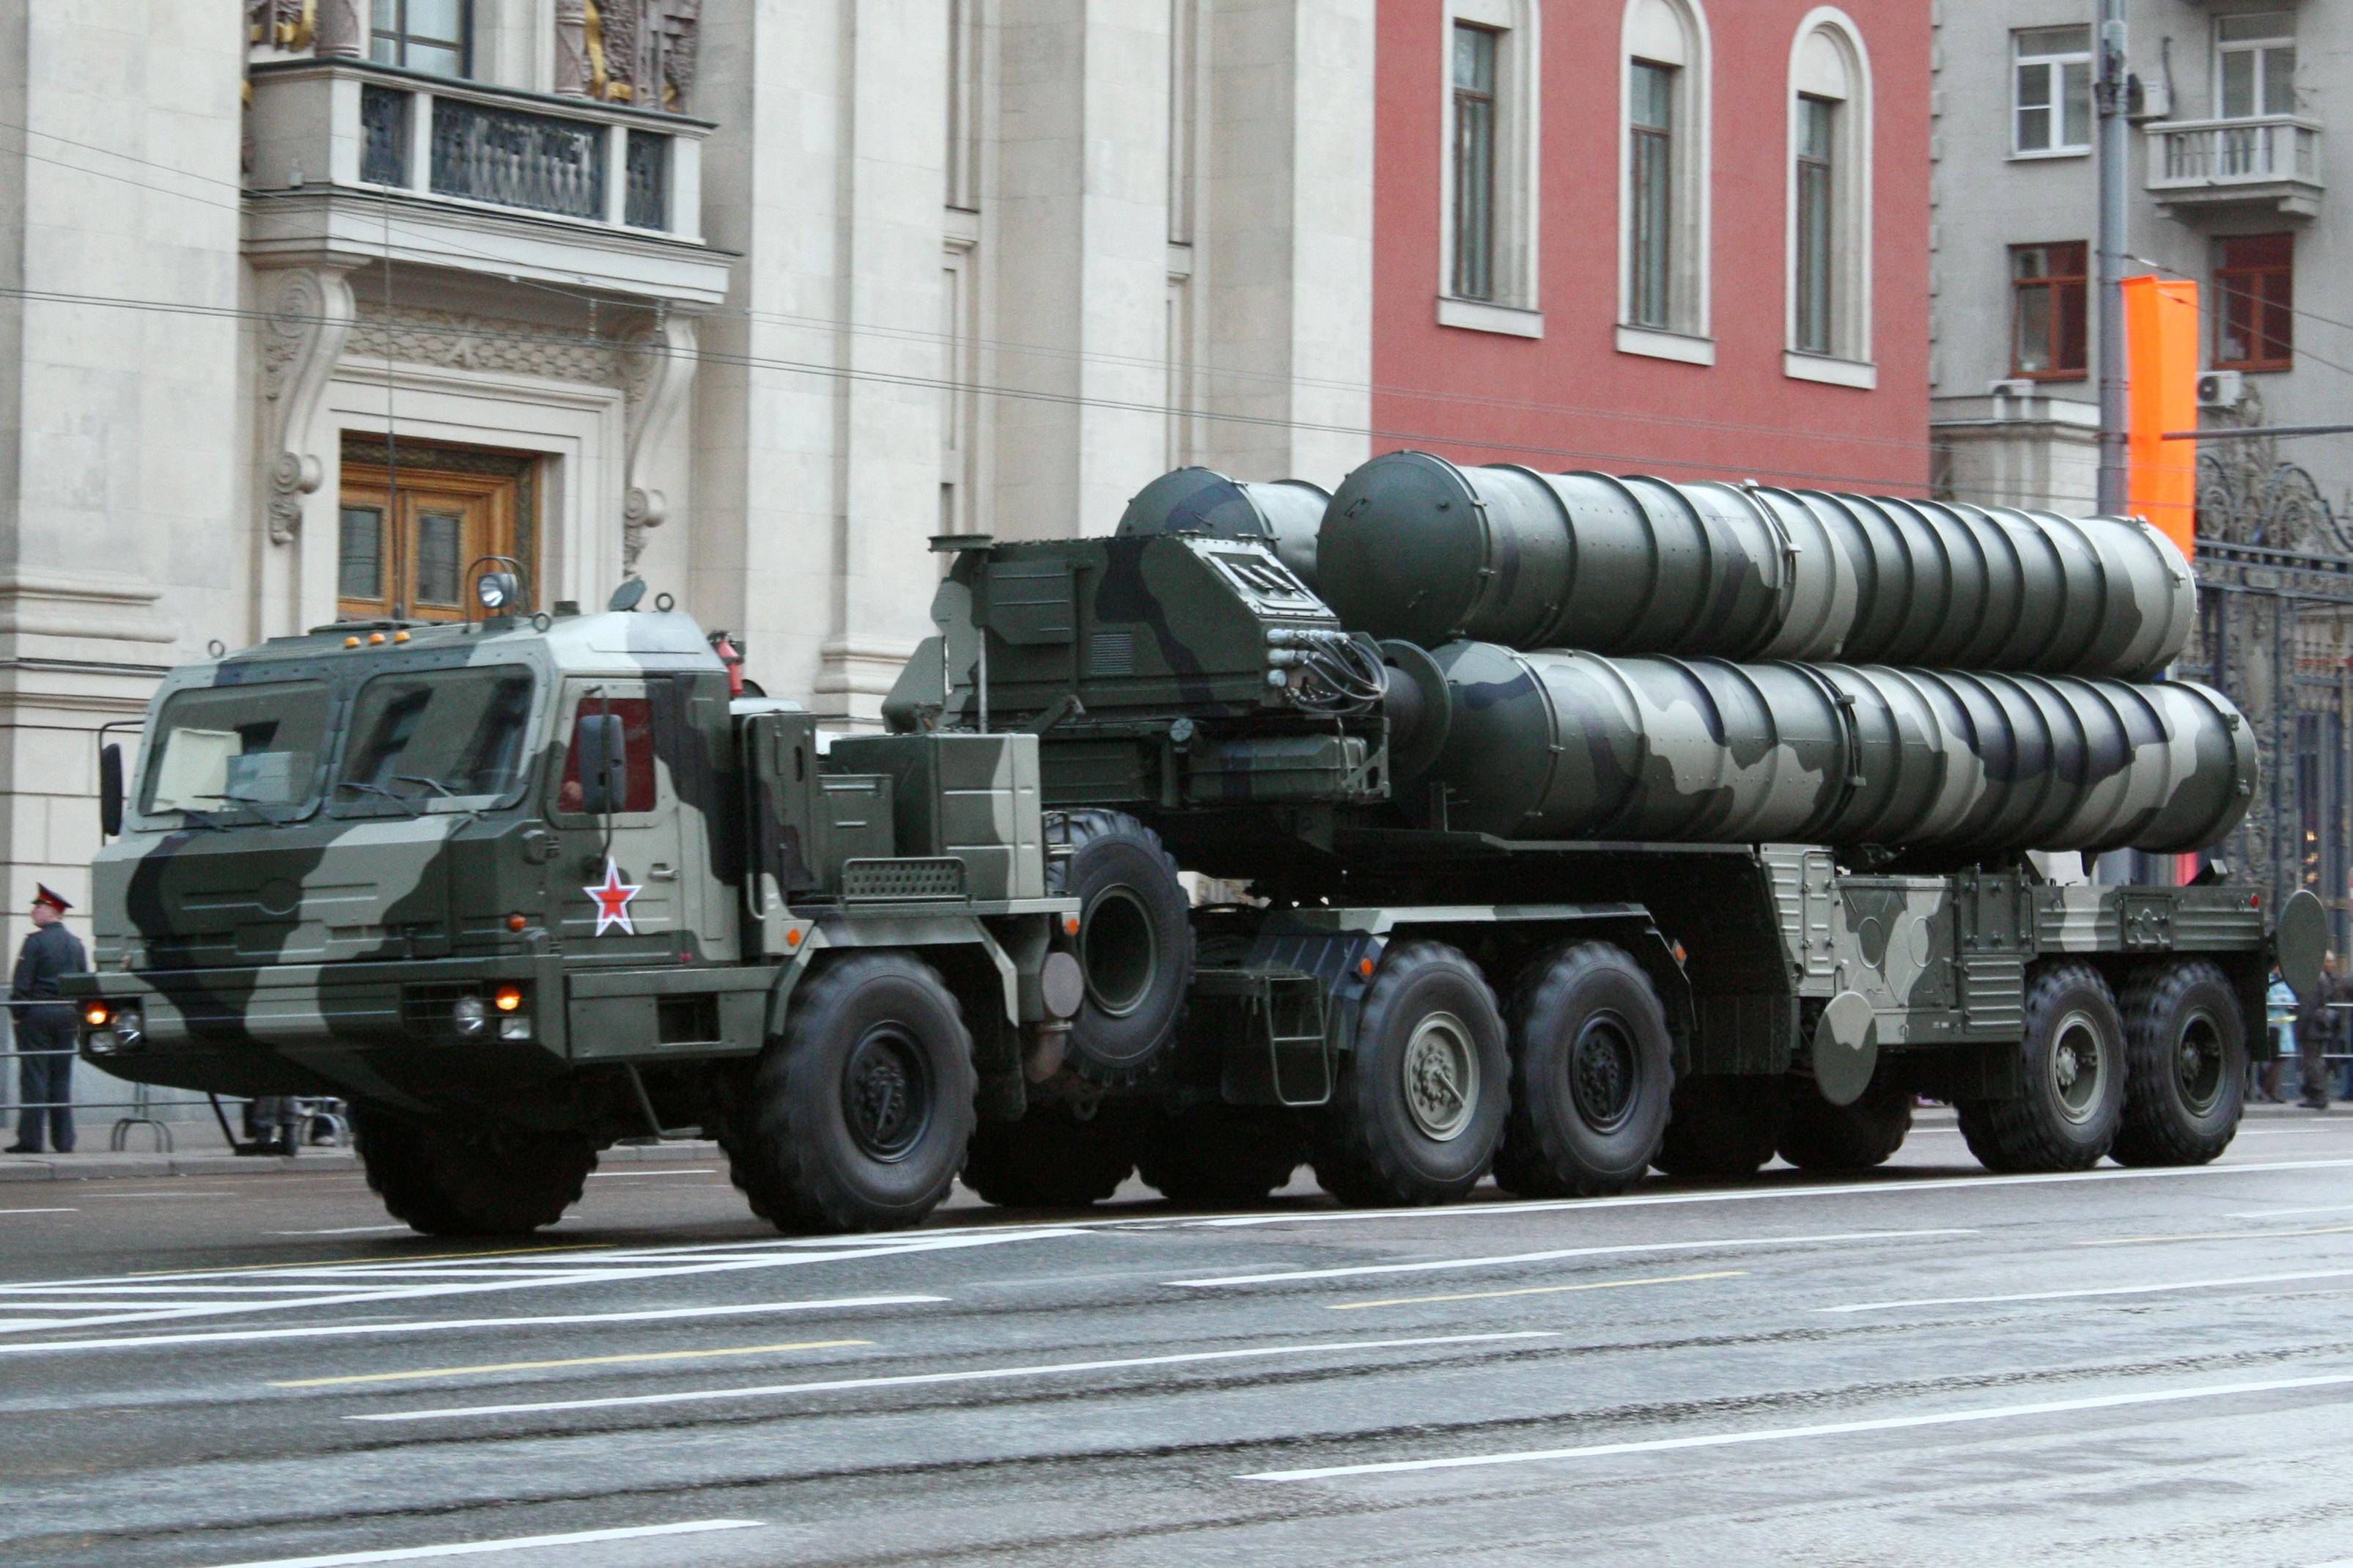 Россия создает объединенную систему противовоздушной обороны в рамках ОДКБ - Цензор.НЕТ 5520